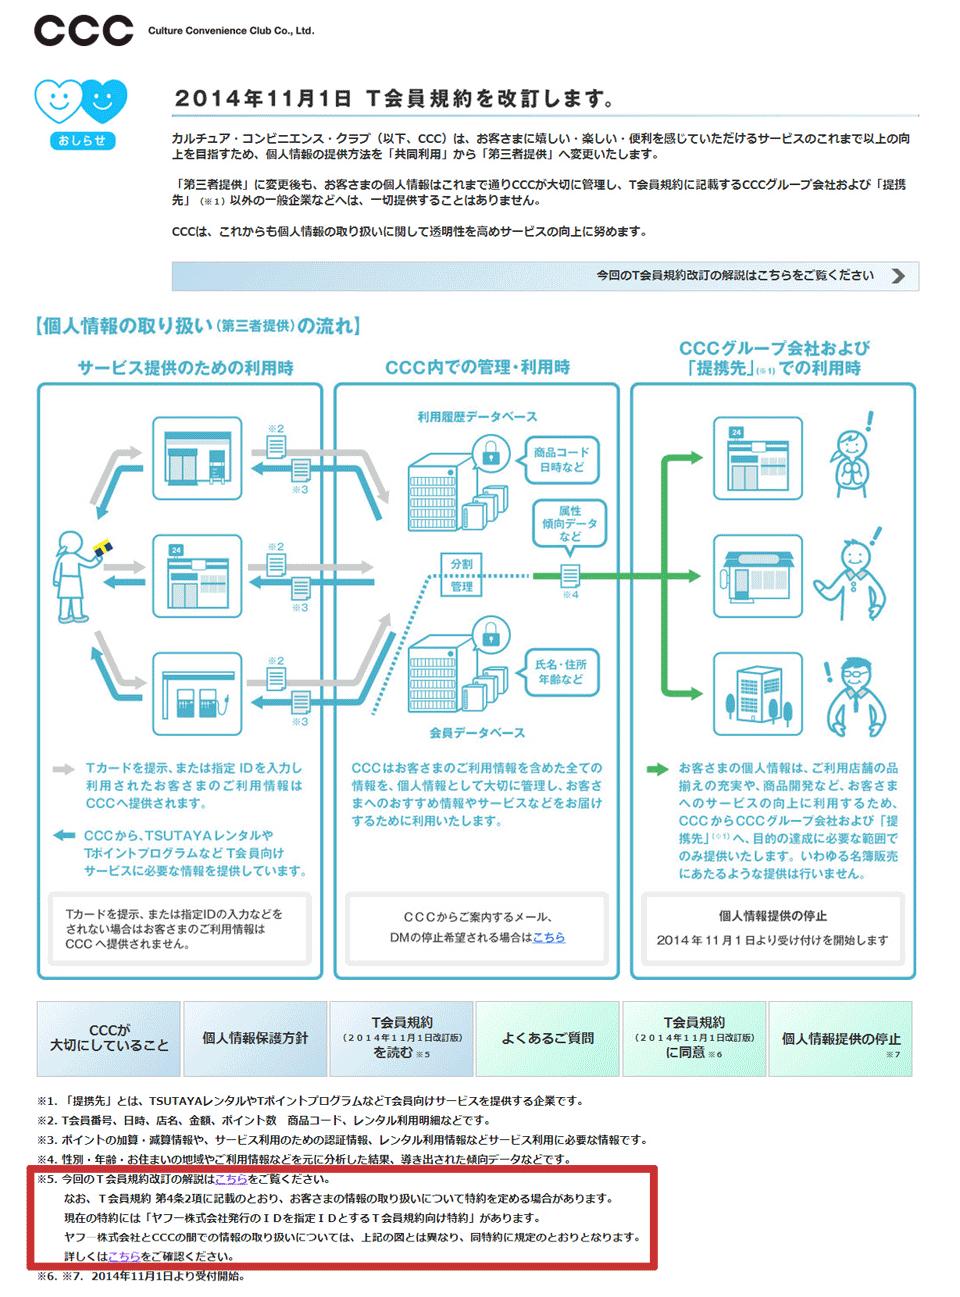 2014年11月1日 T会員規約改定の画像